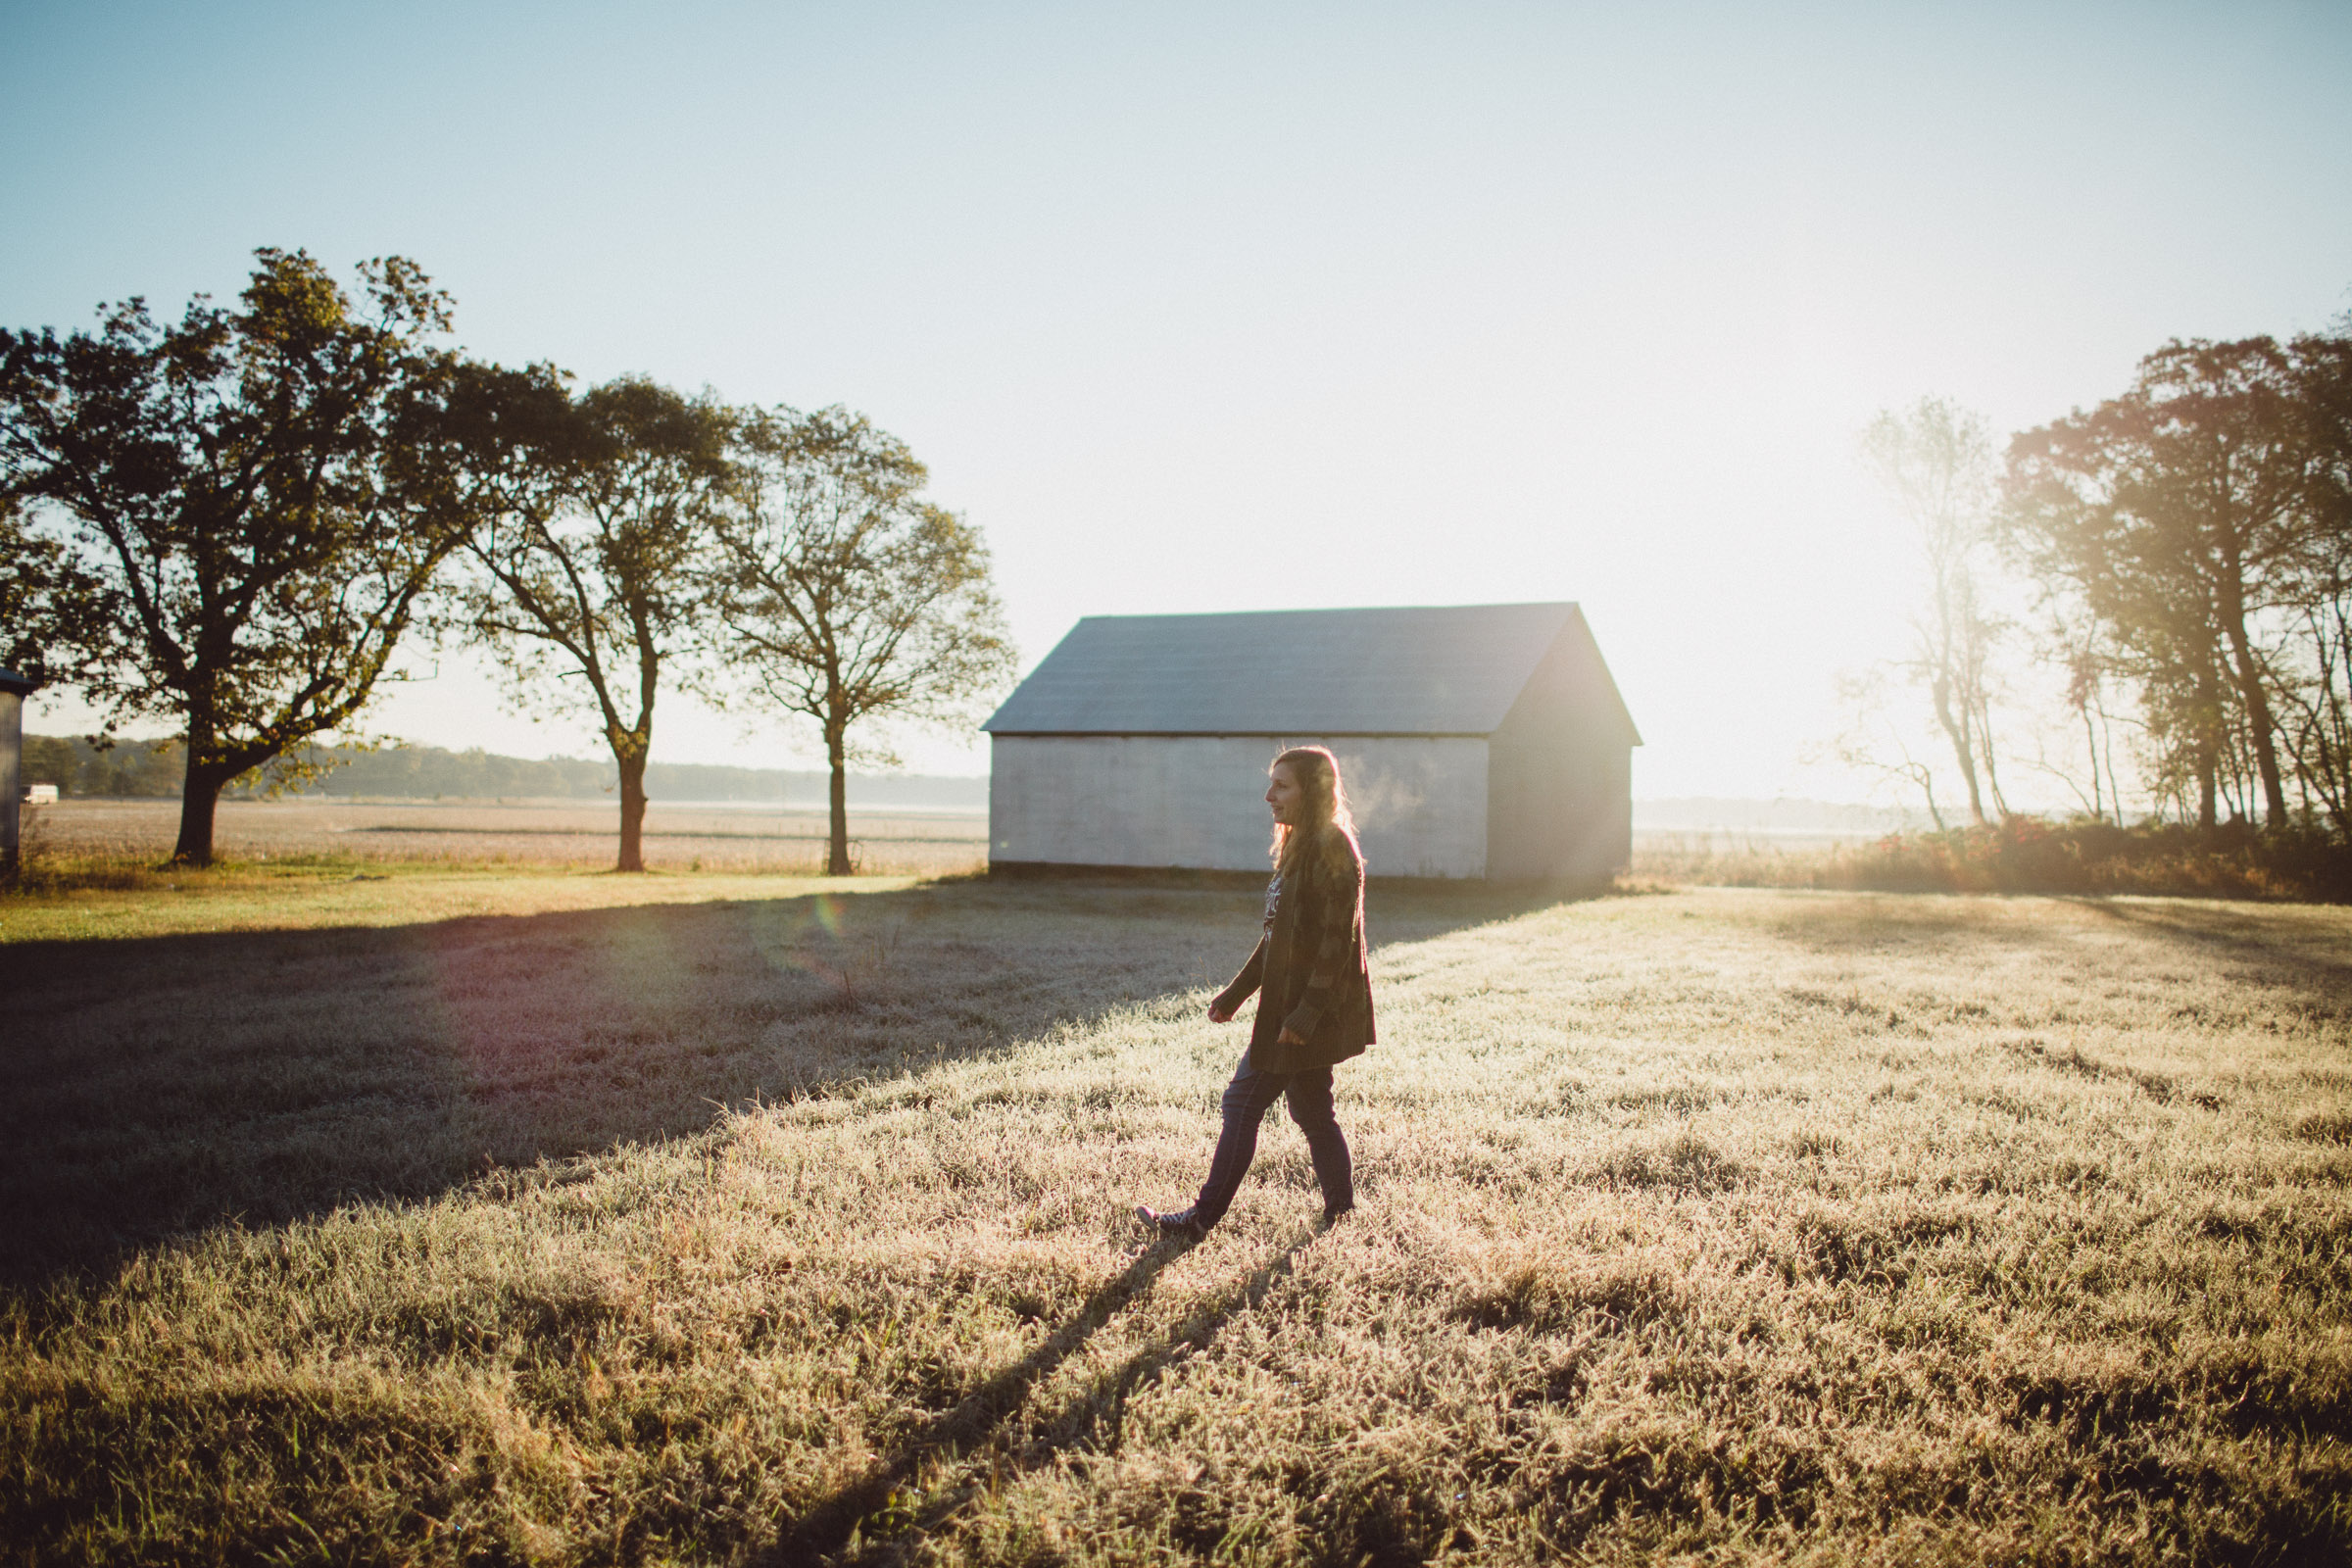 Mother walking across field, in dreamy morning light